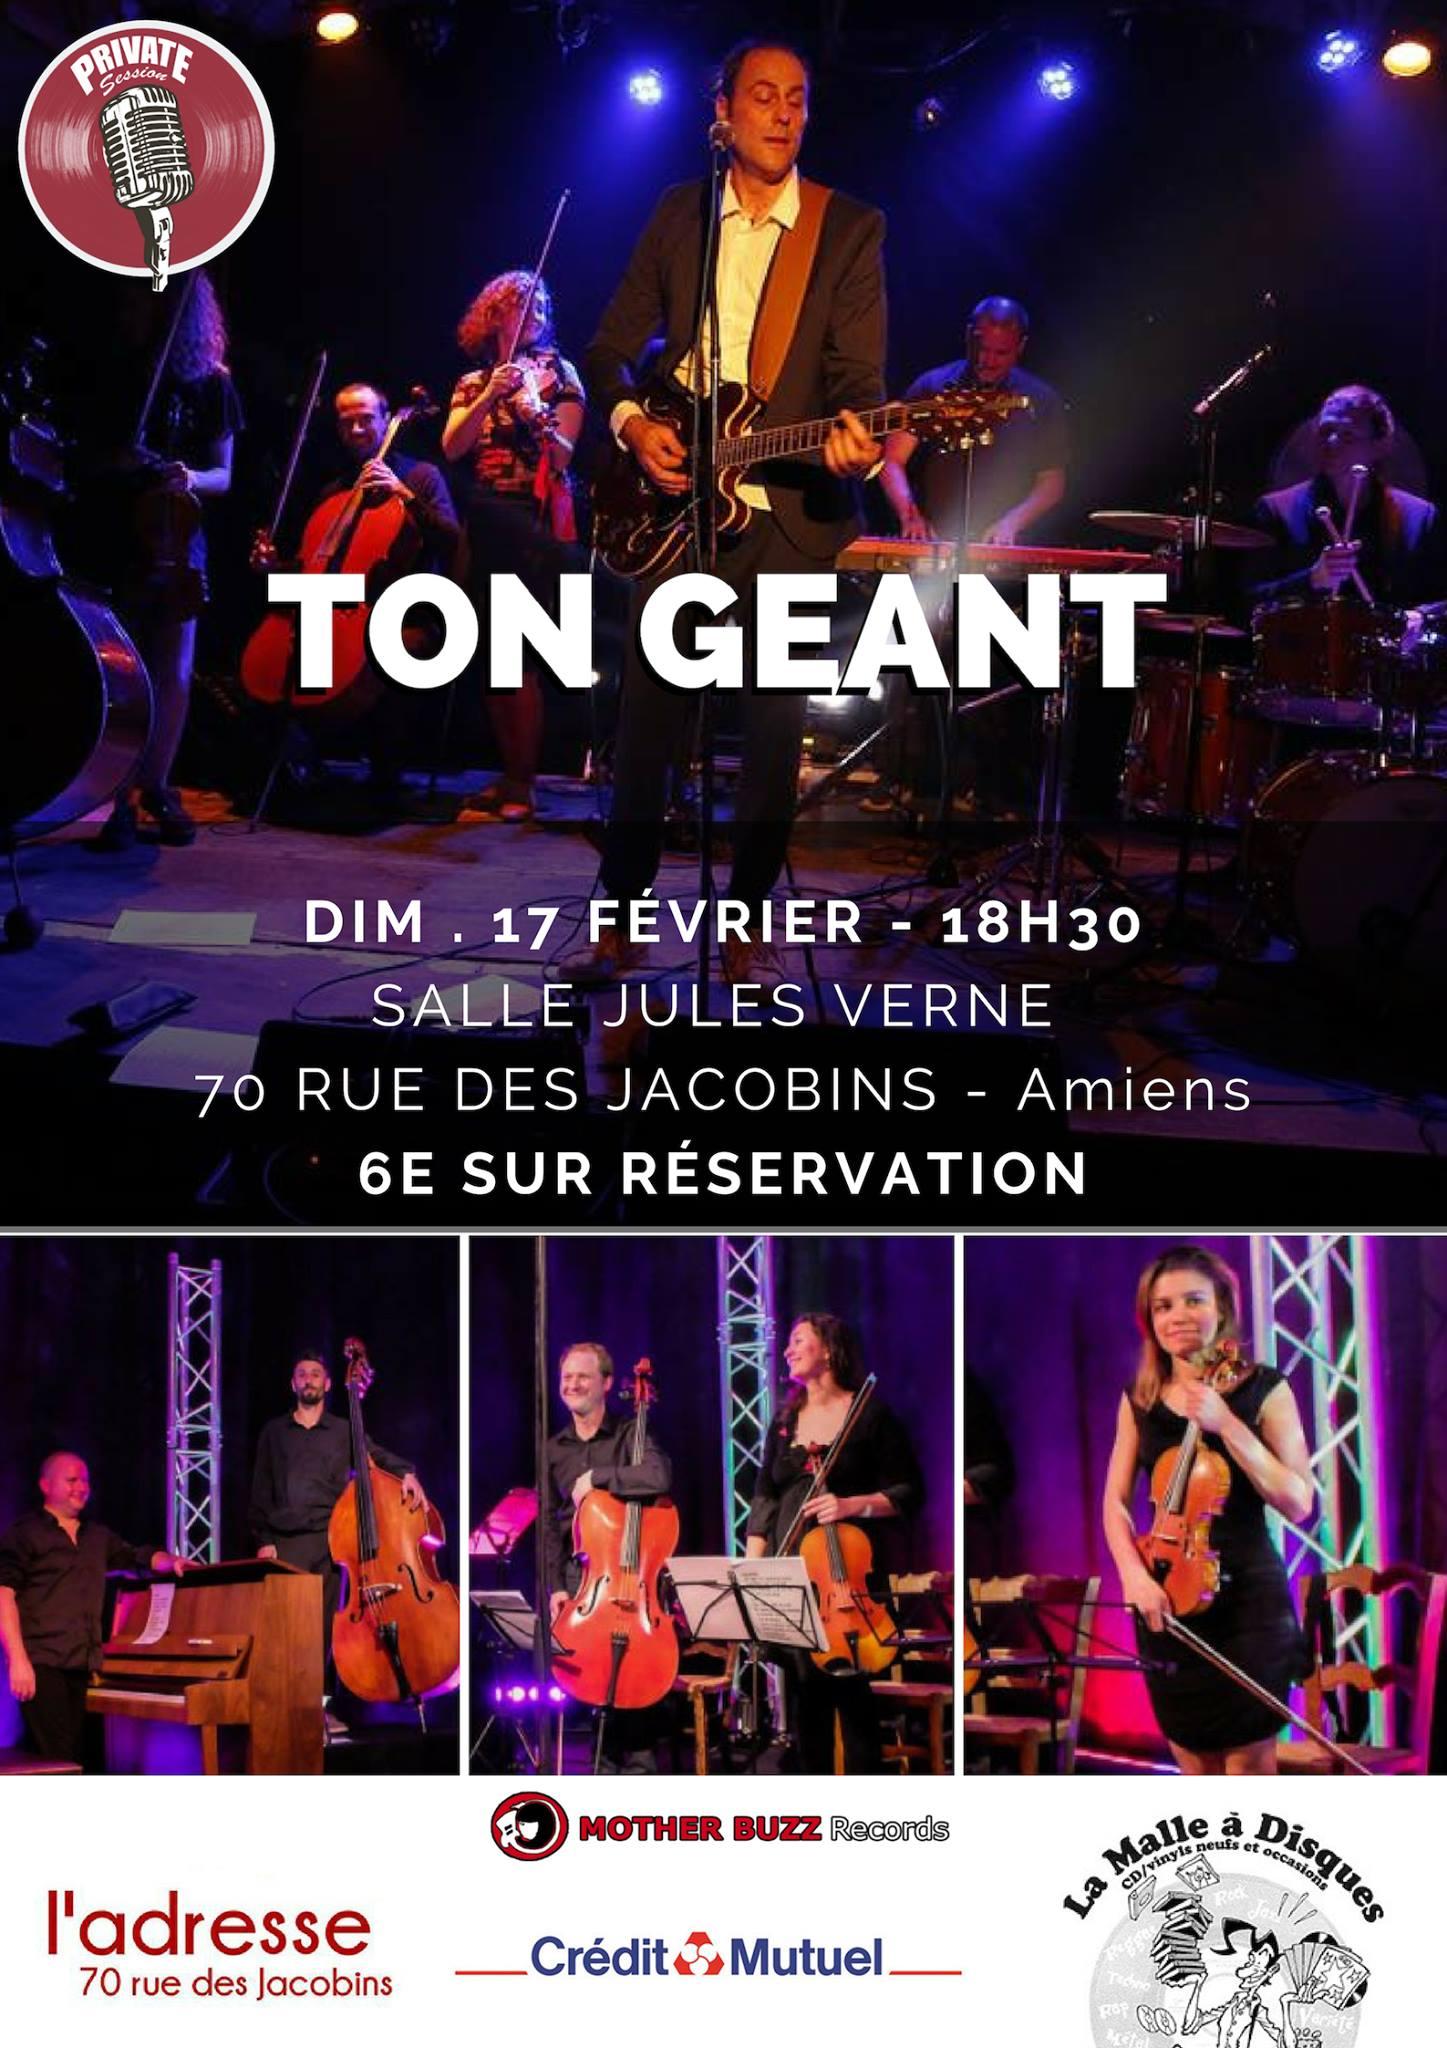 Ton Géant Affiche 17 FEVRIER 2019